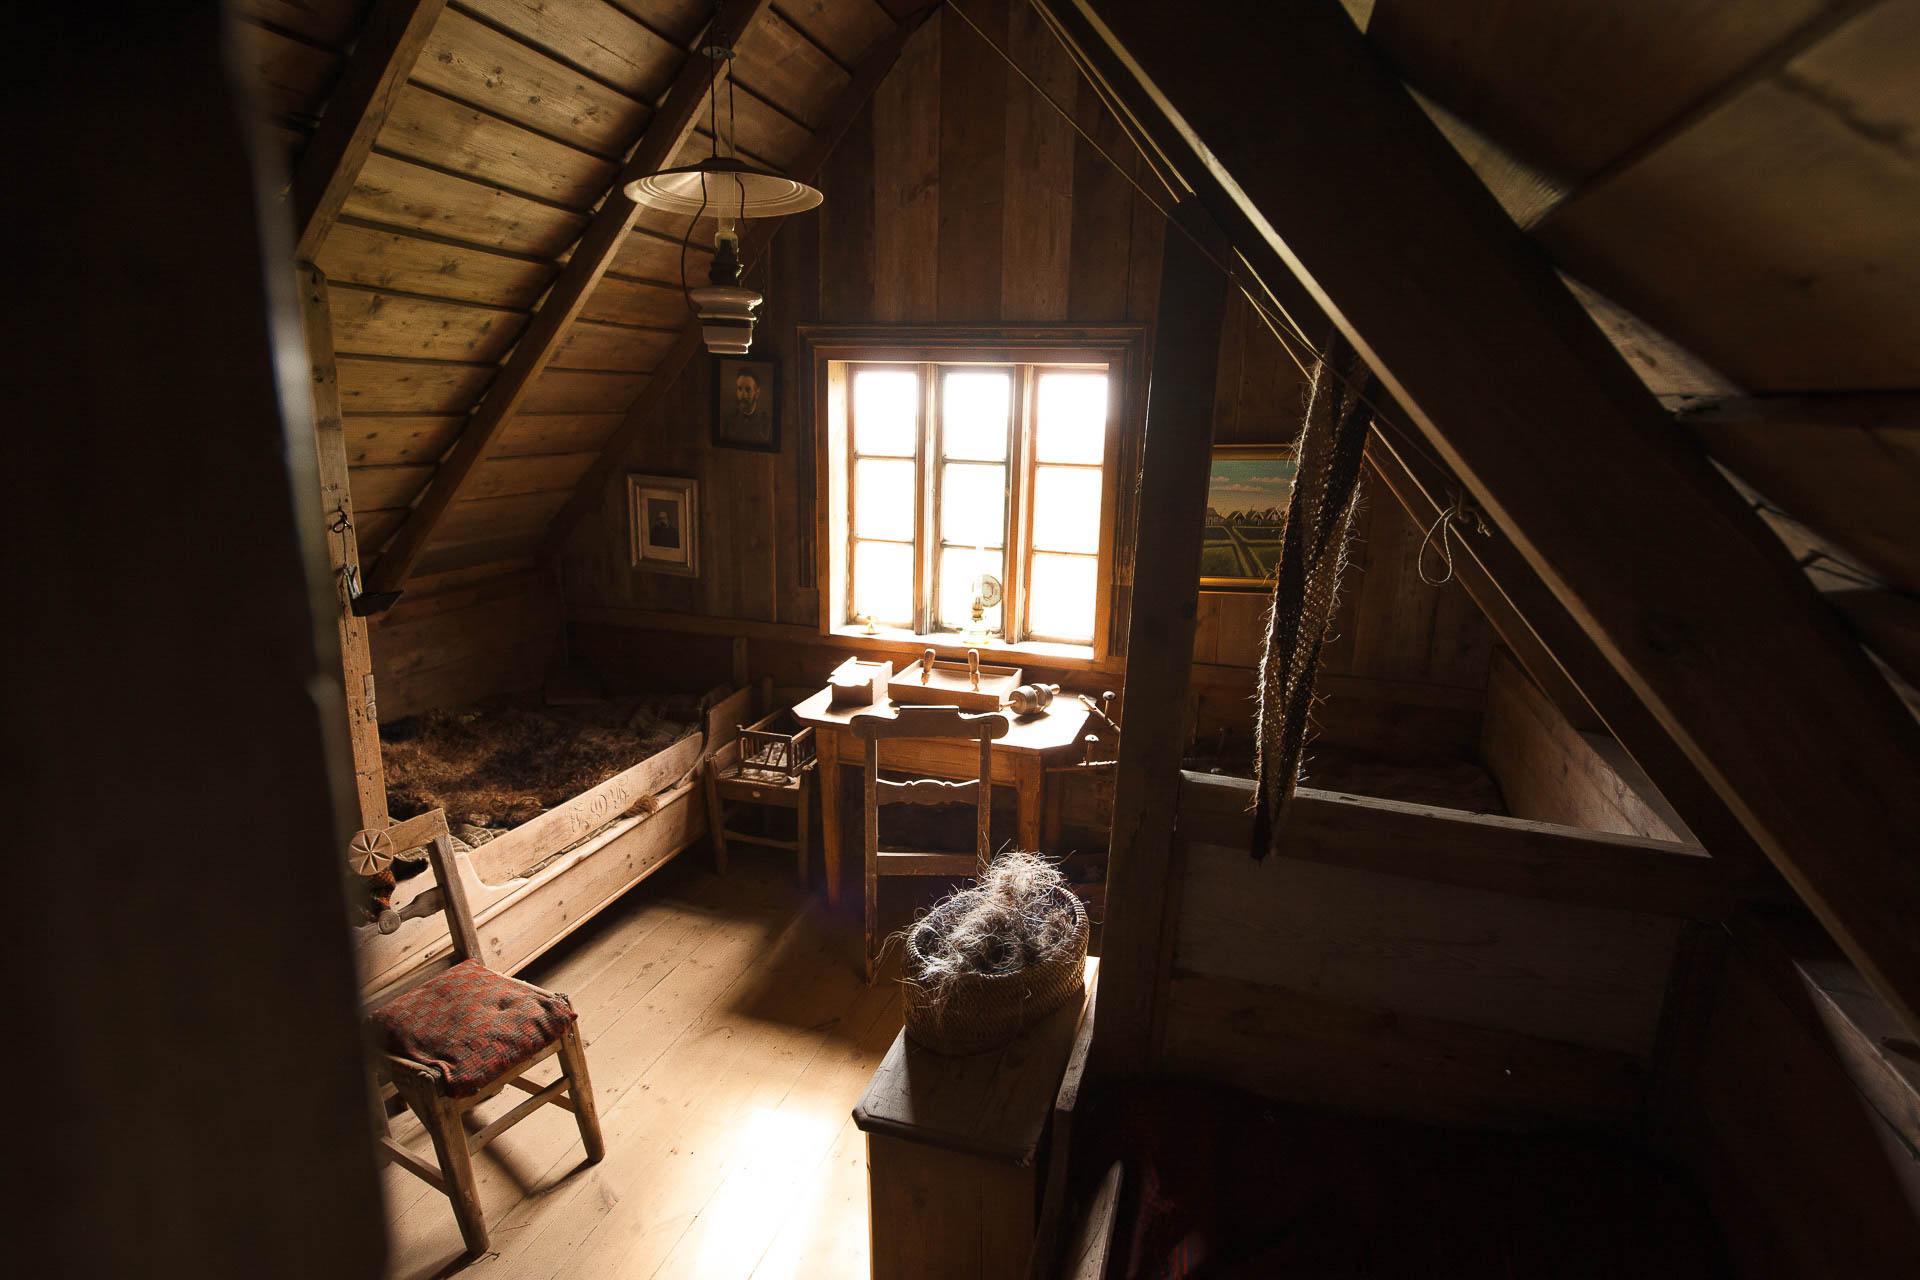 Fotostory von Redeleit und Junker - Altes Schlafzimmer im Museum Skógafsafn in Island